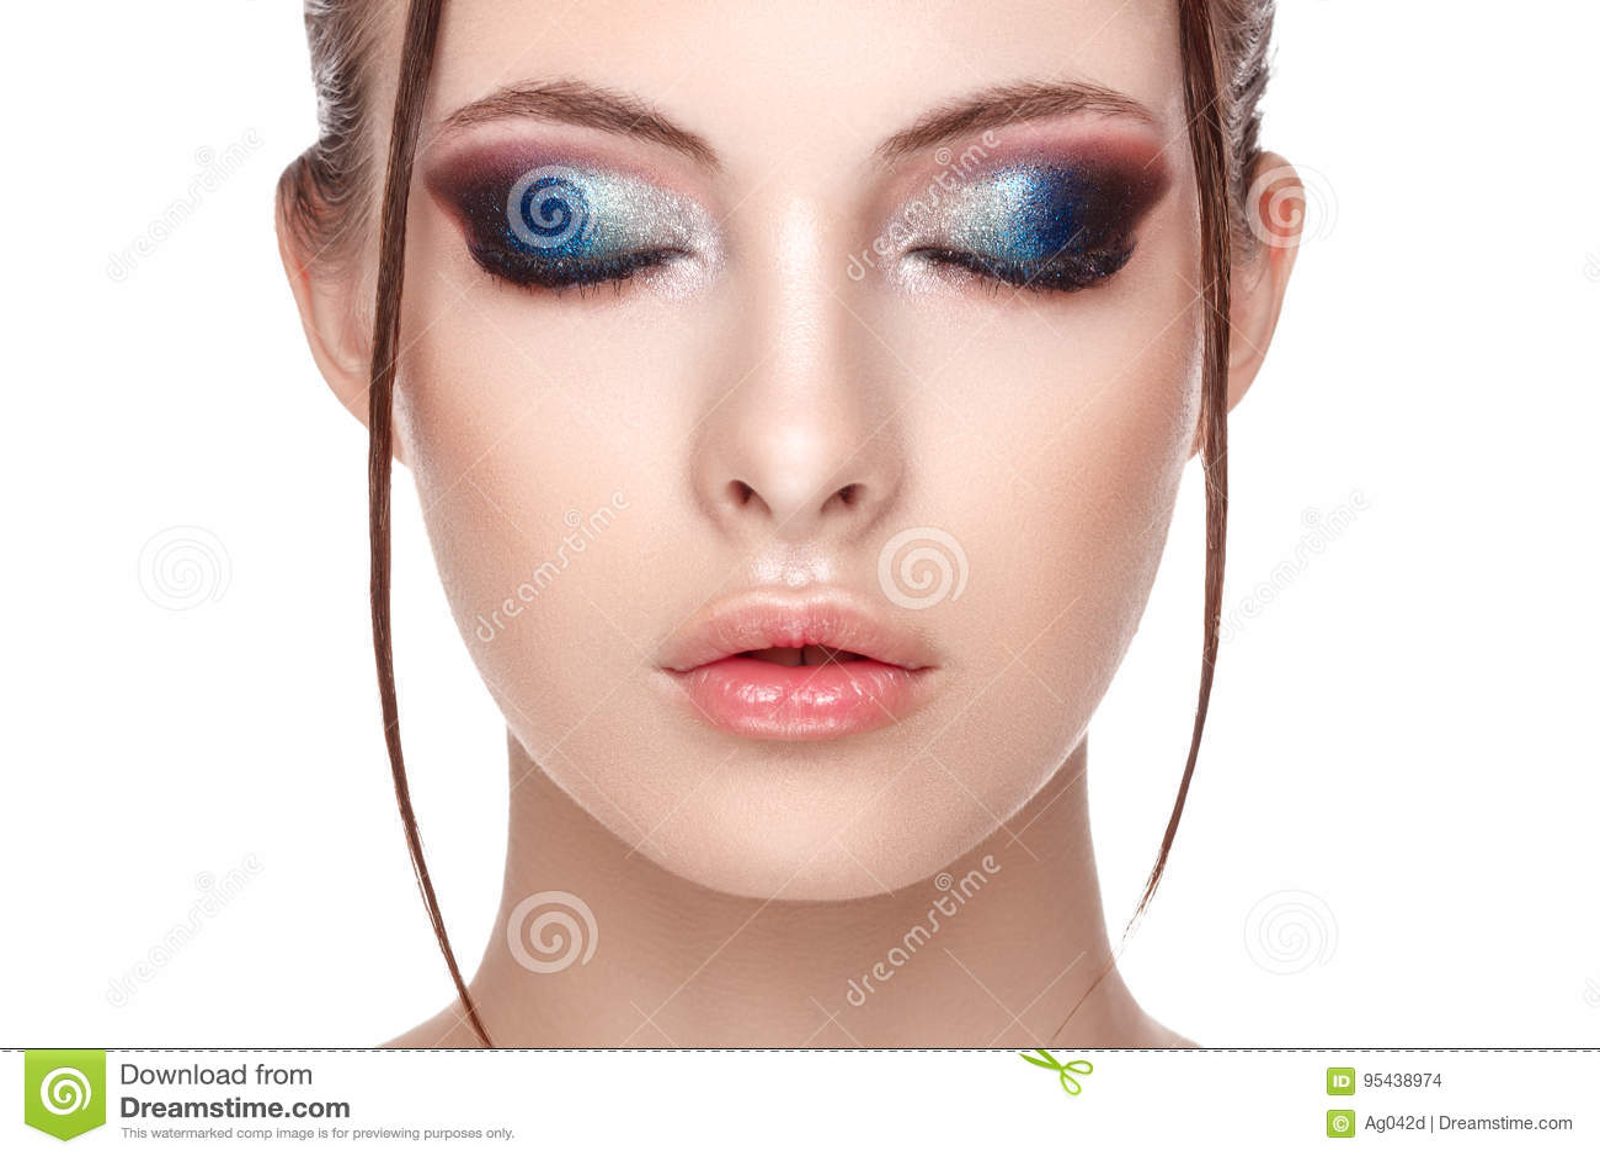 Het close-upportret van een mooi jong model met mooie betoverende make-up, het natte effect op haar gezicht en het lichaam, ogen